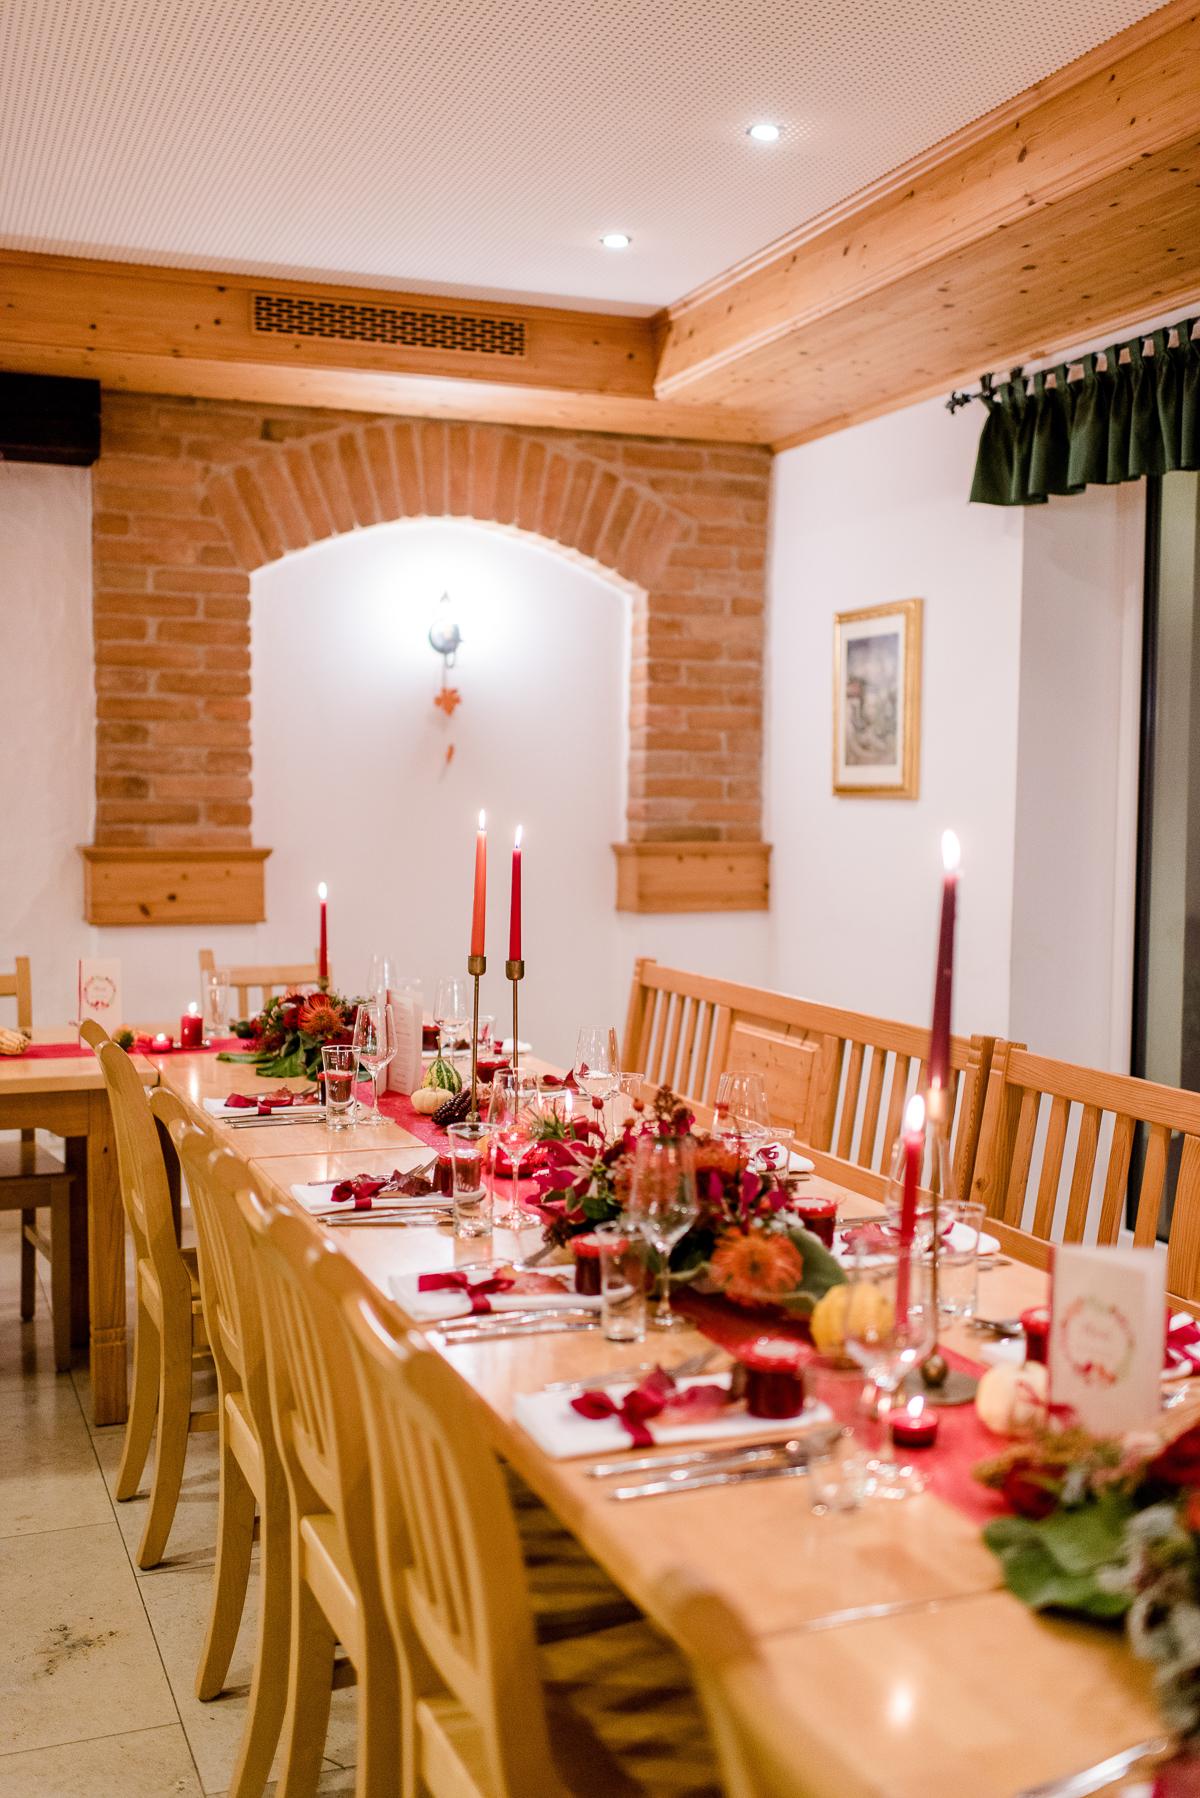 Herbsthochzeit, Tischdeko Herbst, Herbst Tischdeko, Tischdeko Hochzeit rot, Tischdeko rot, Tischdeko Hochzeit Herbst